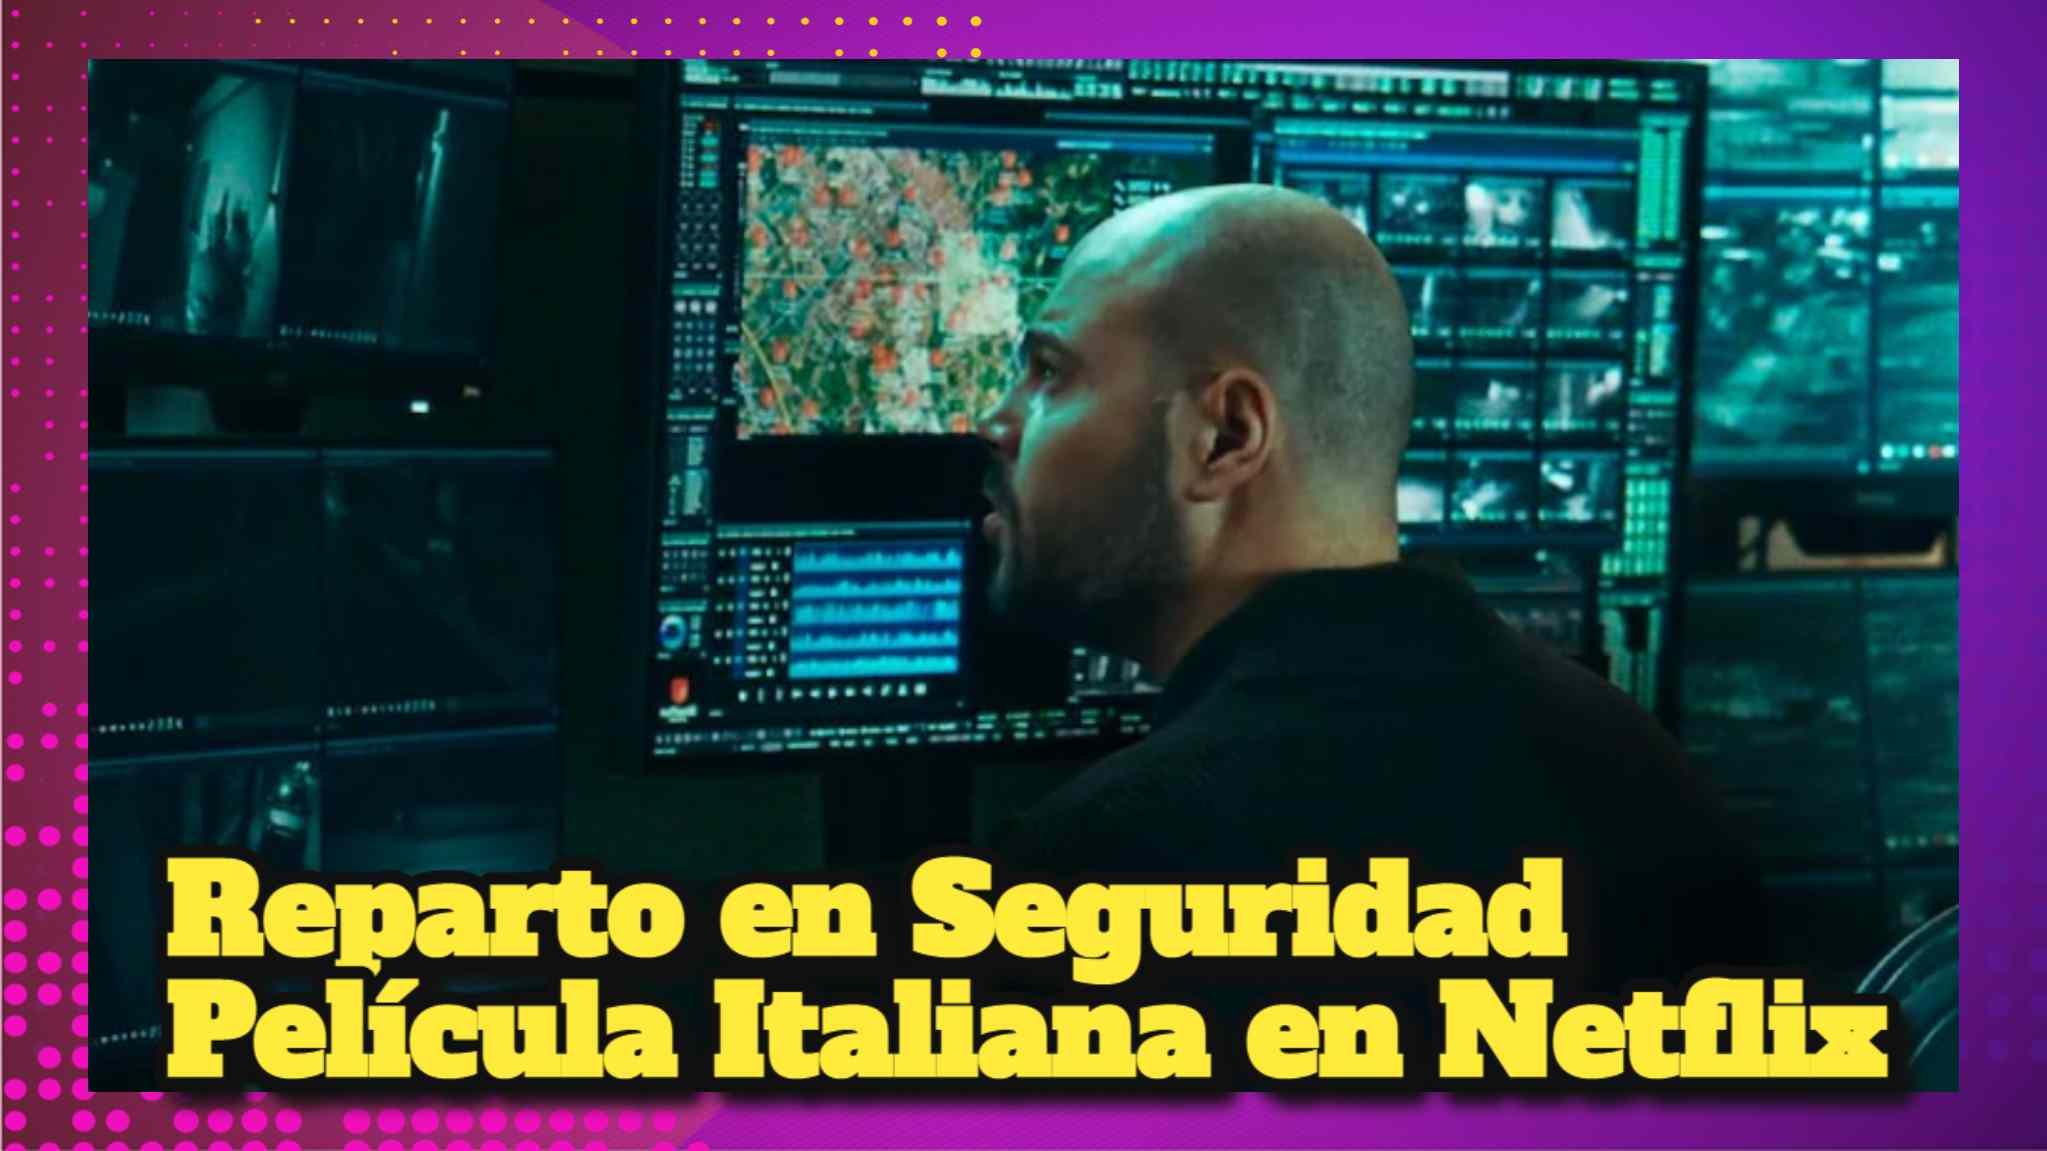 Reparto en Seguridad Película Italiana en Netflix